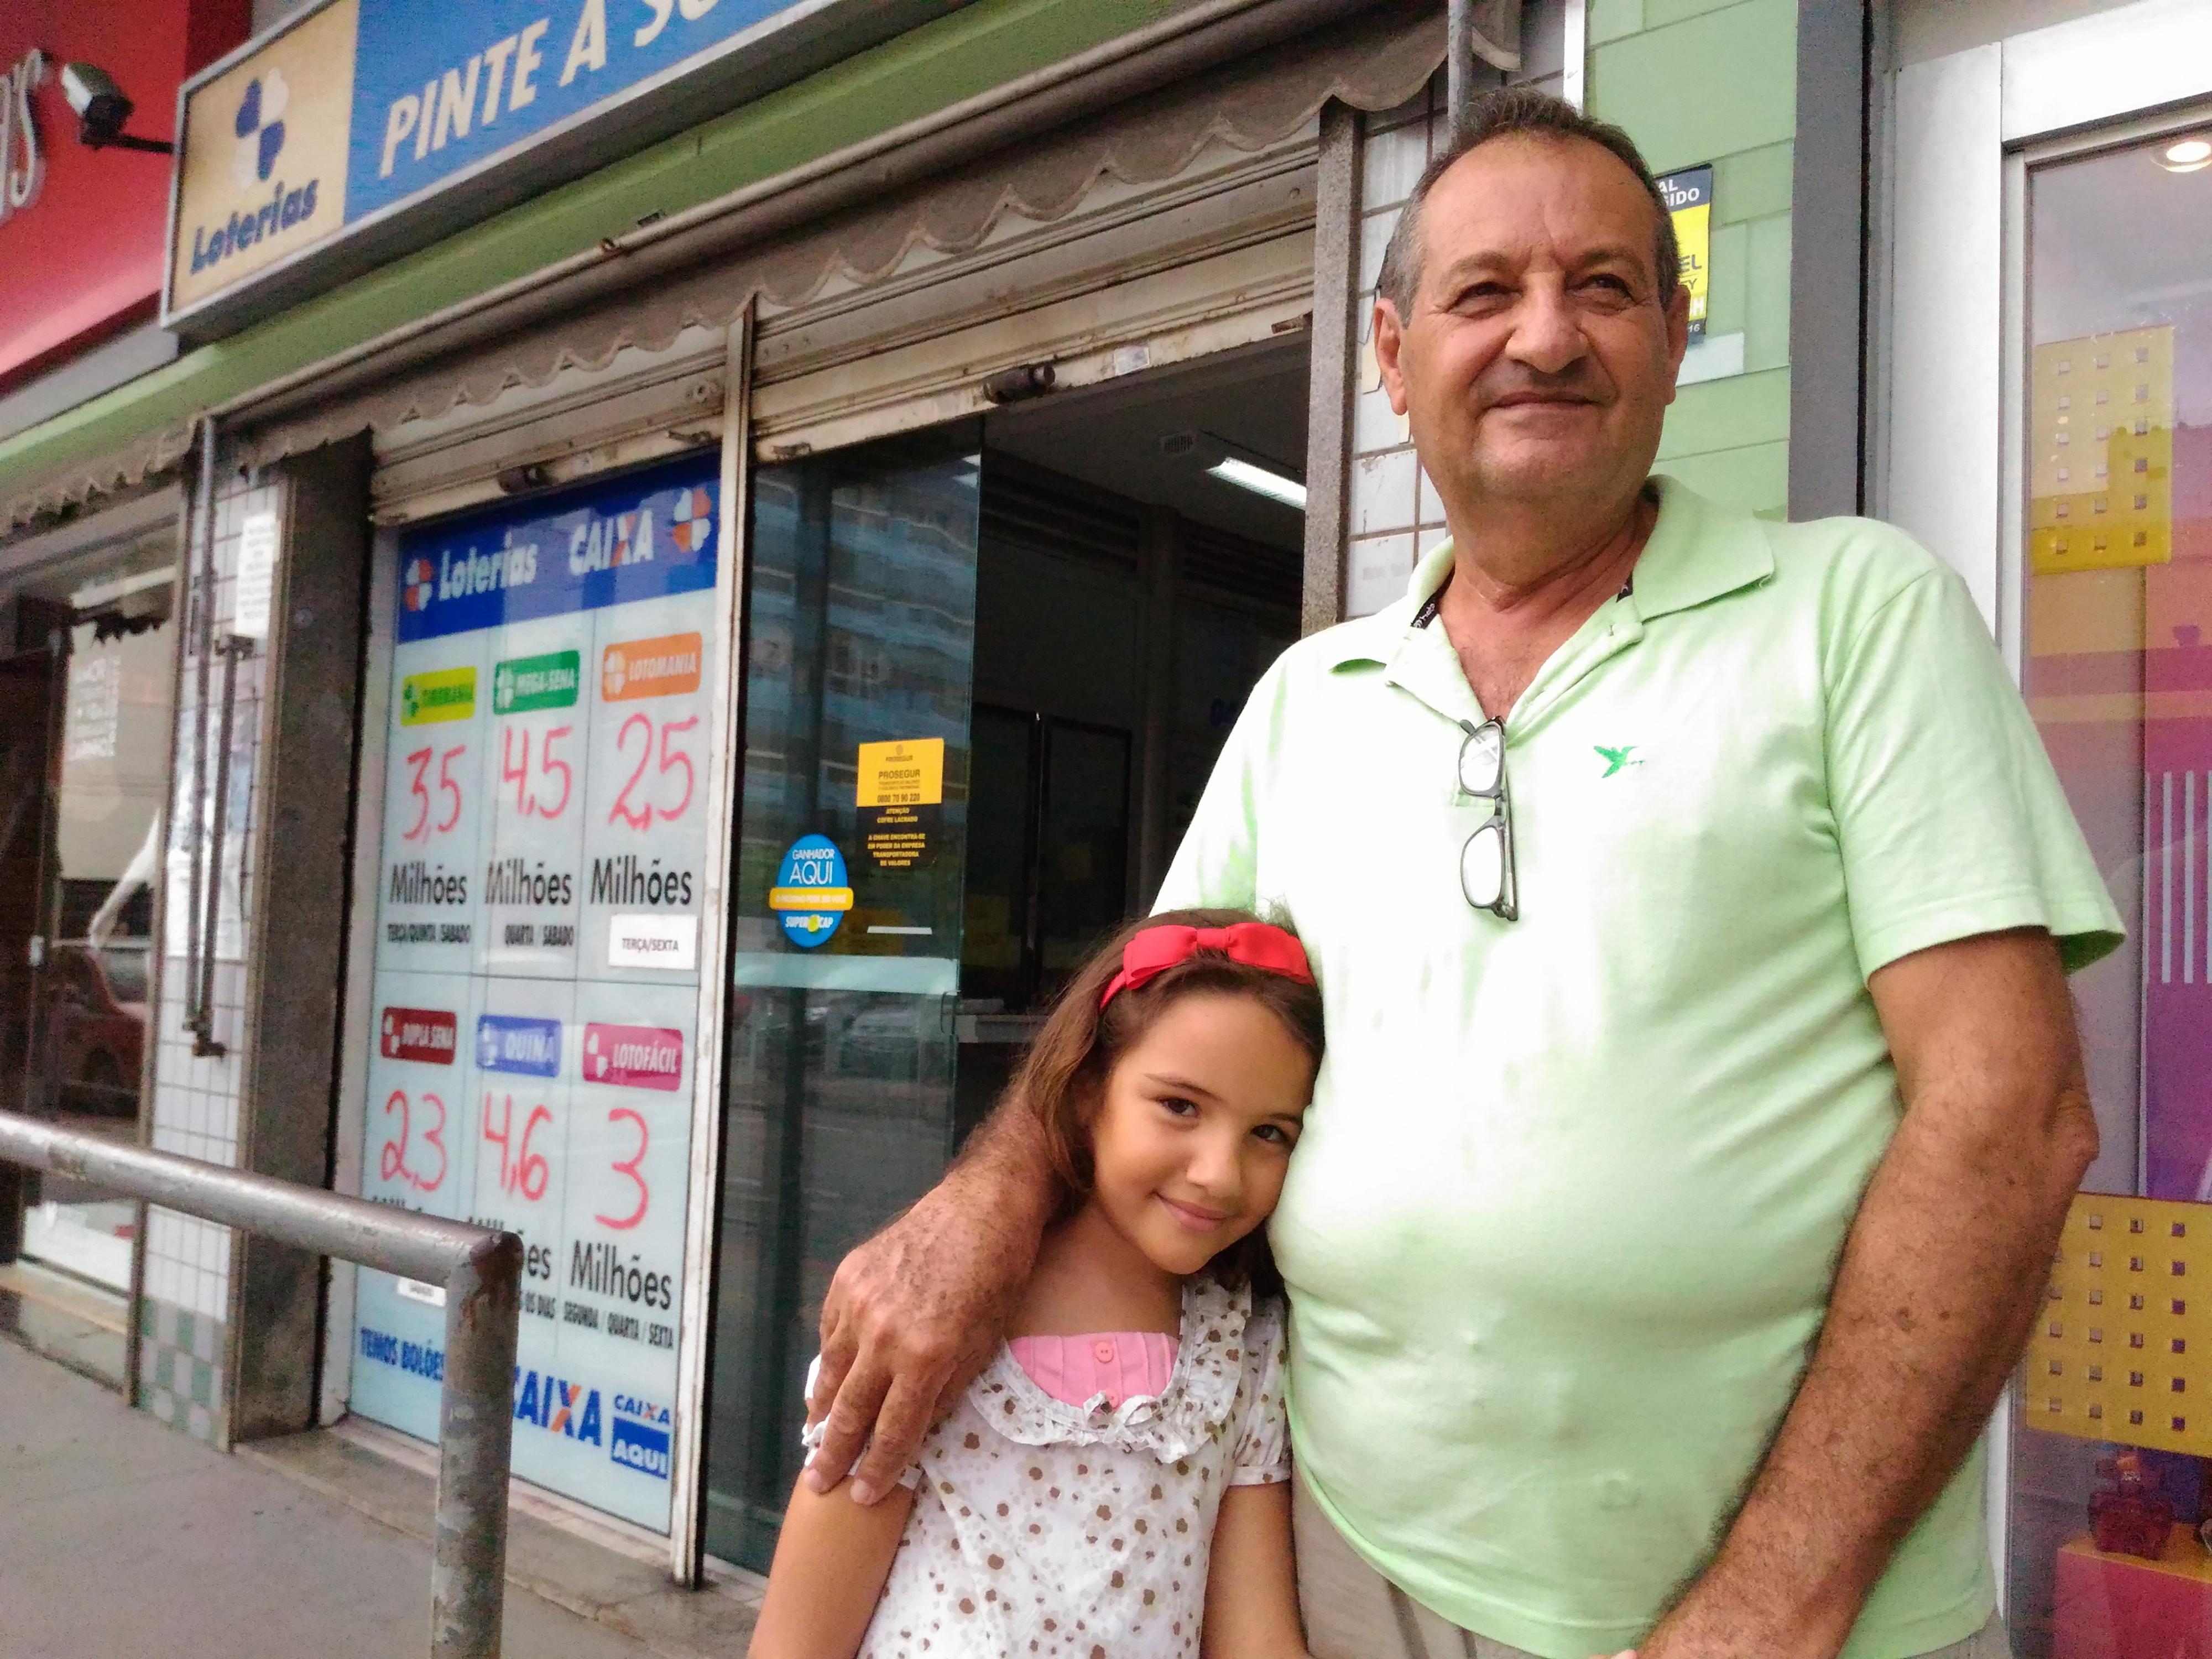 """Zelino Callegari, de 65 anos, e a filha Virna, de 6 anos: """"se não jogar não ganha."""" . Crédito: Kaique Dias"""